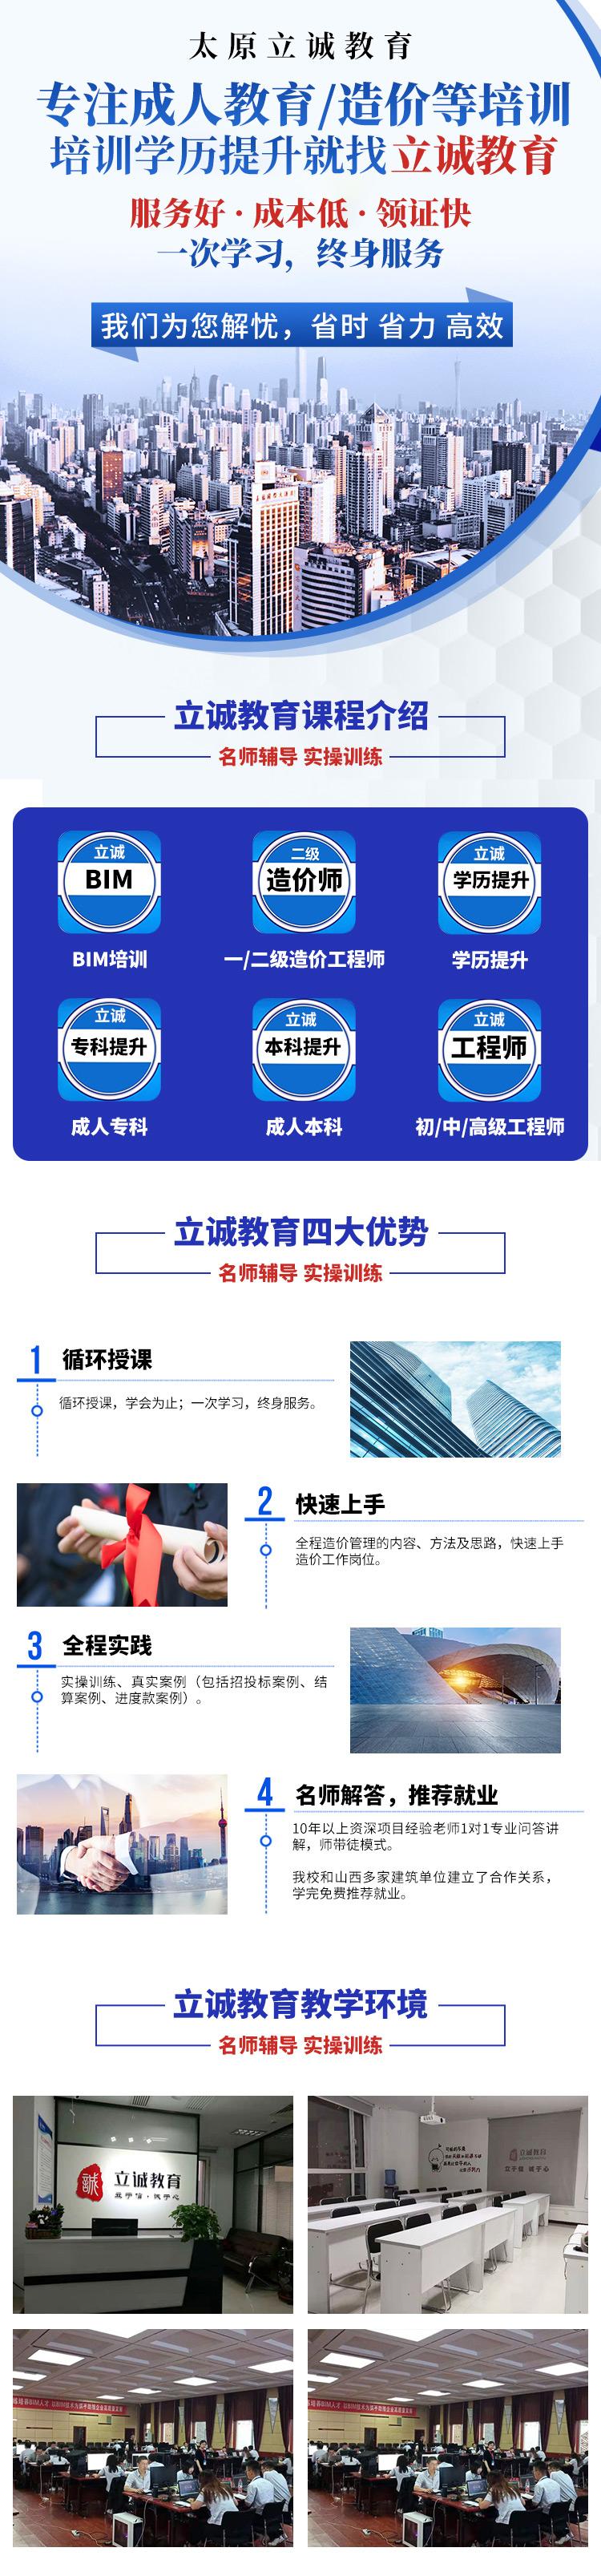 http://www.umeiwen.com/jiaoyu/2883658.html